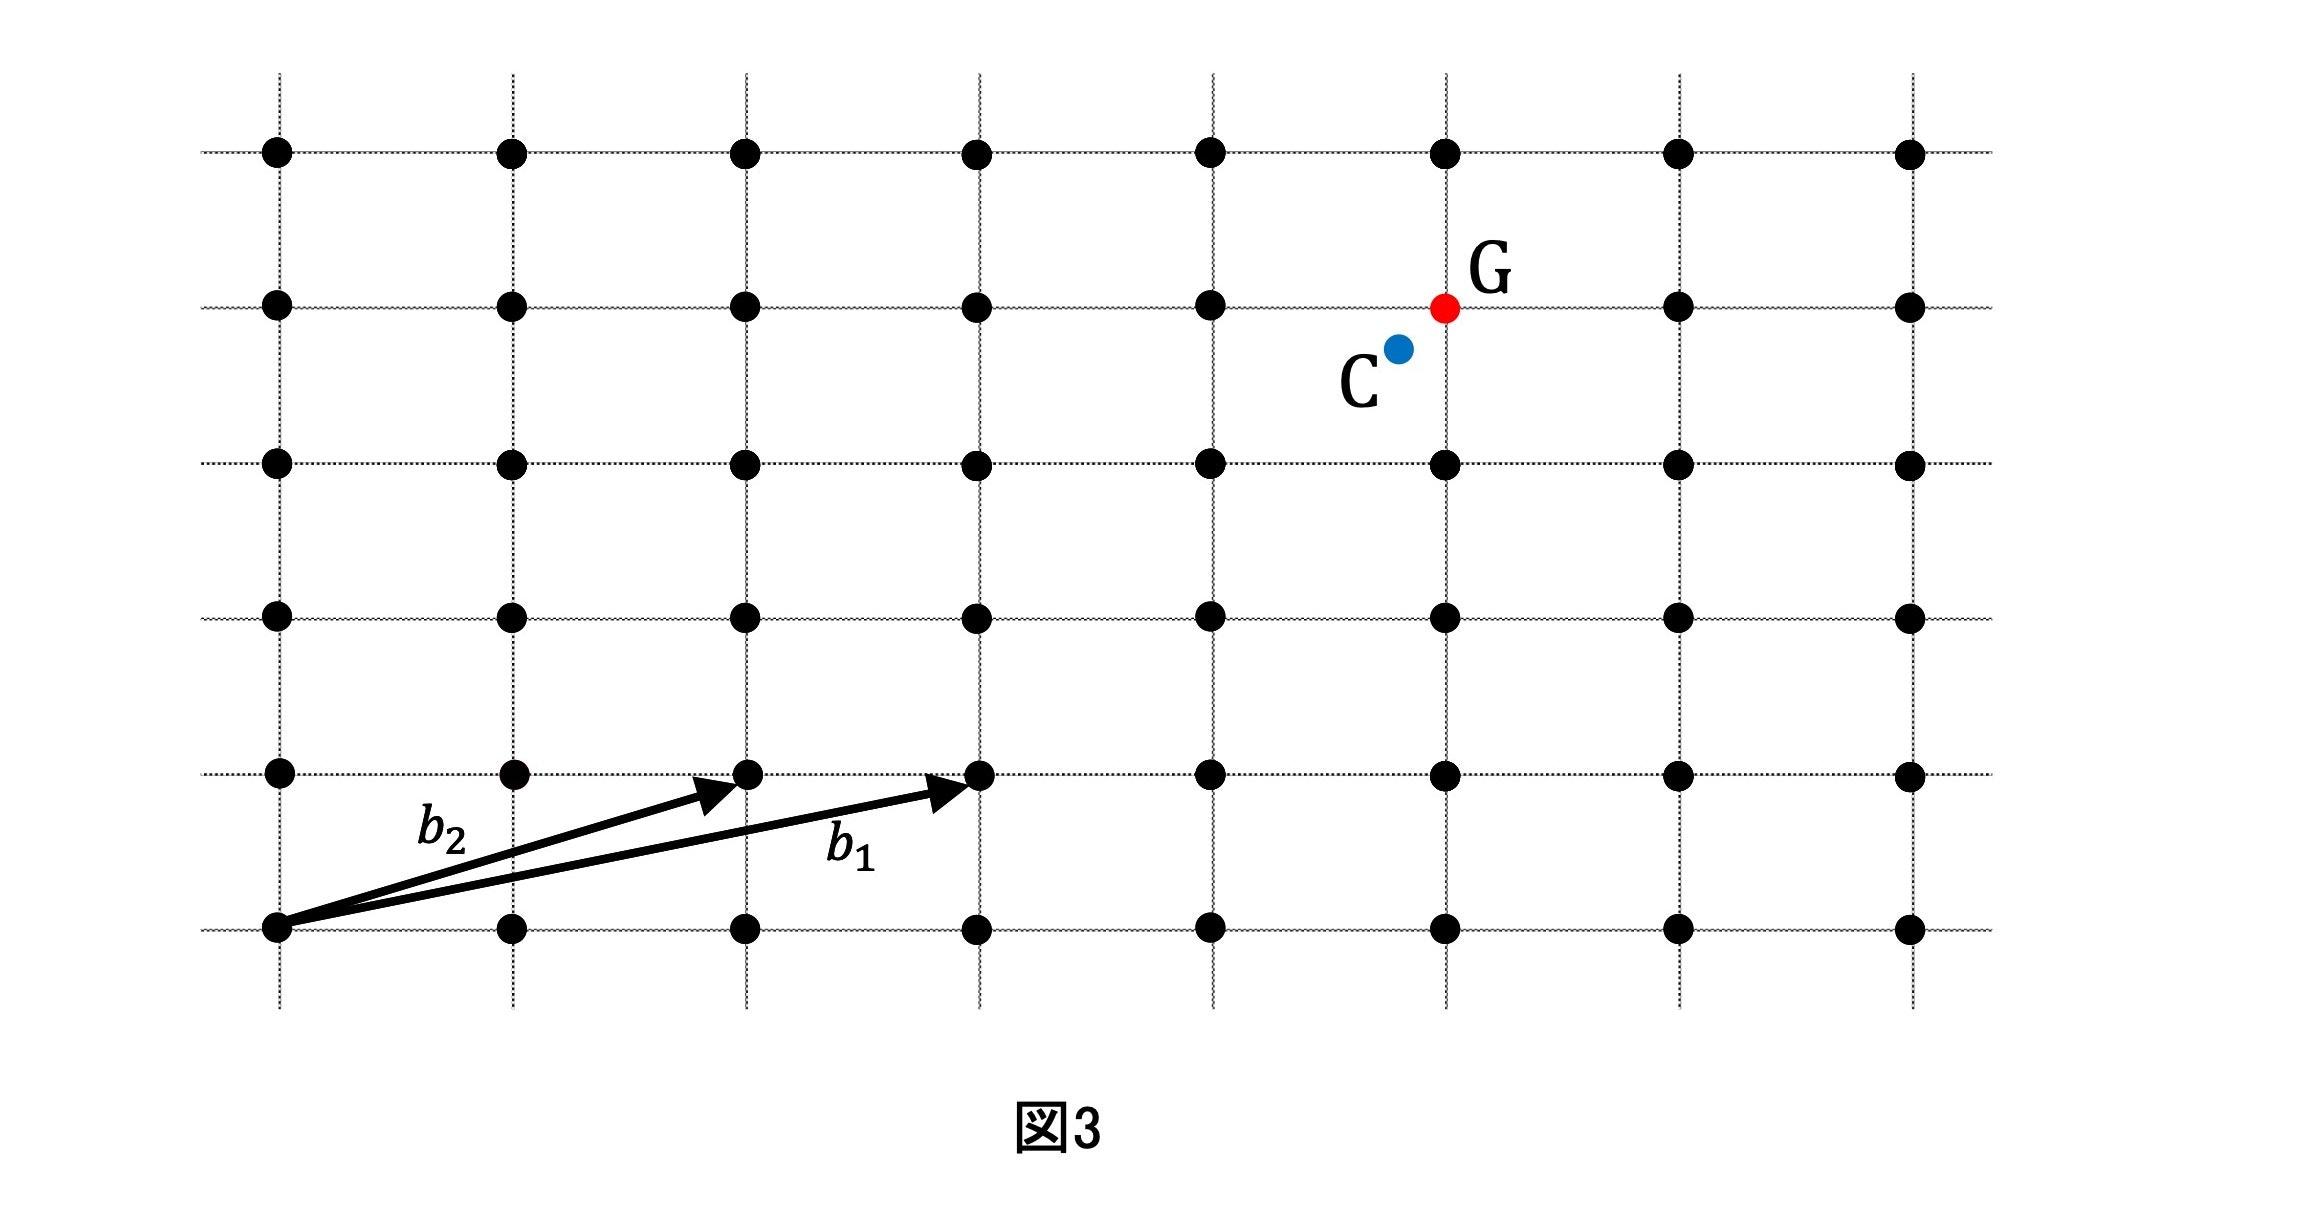 figure3.jpeg